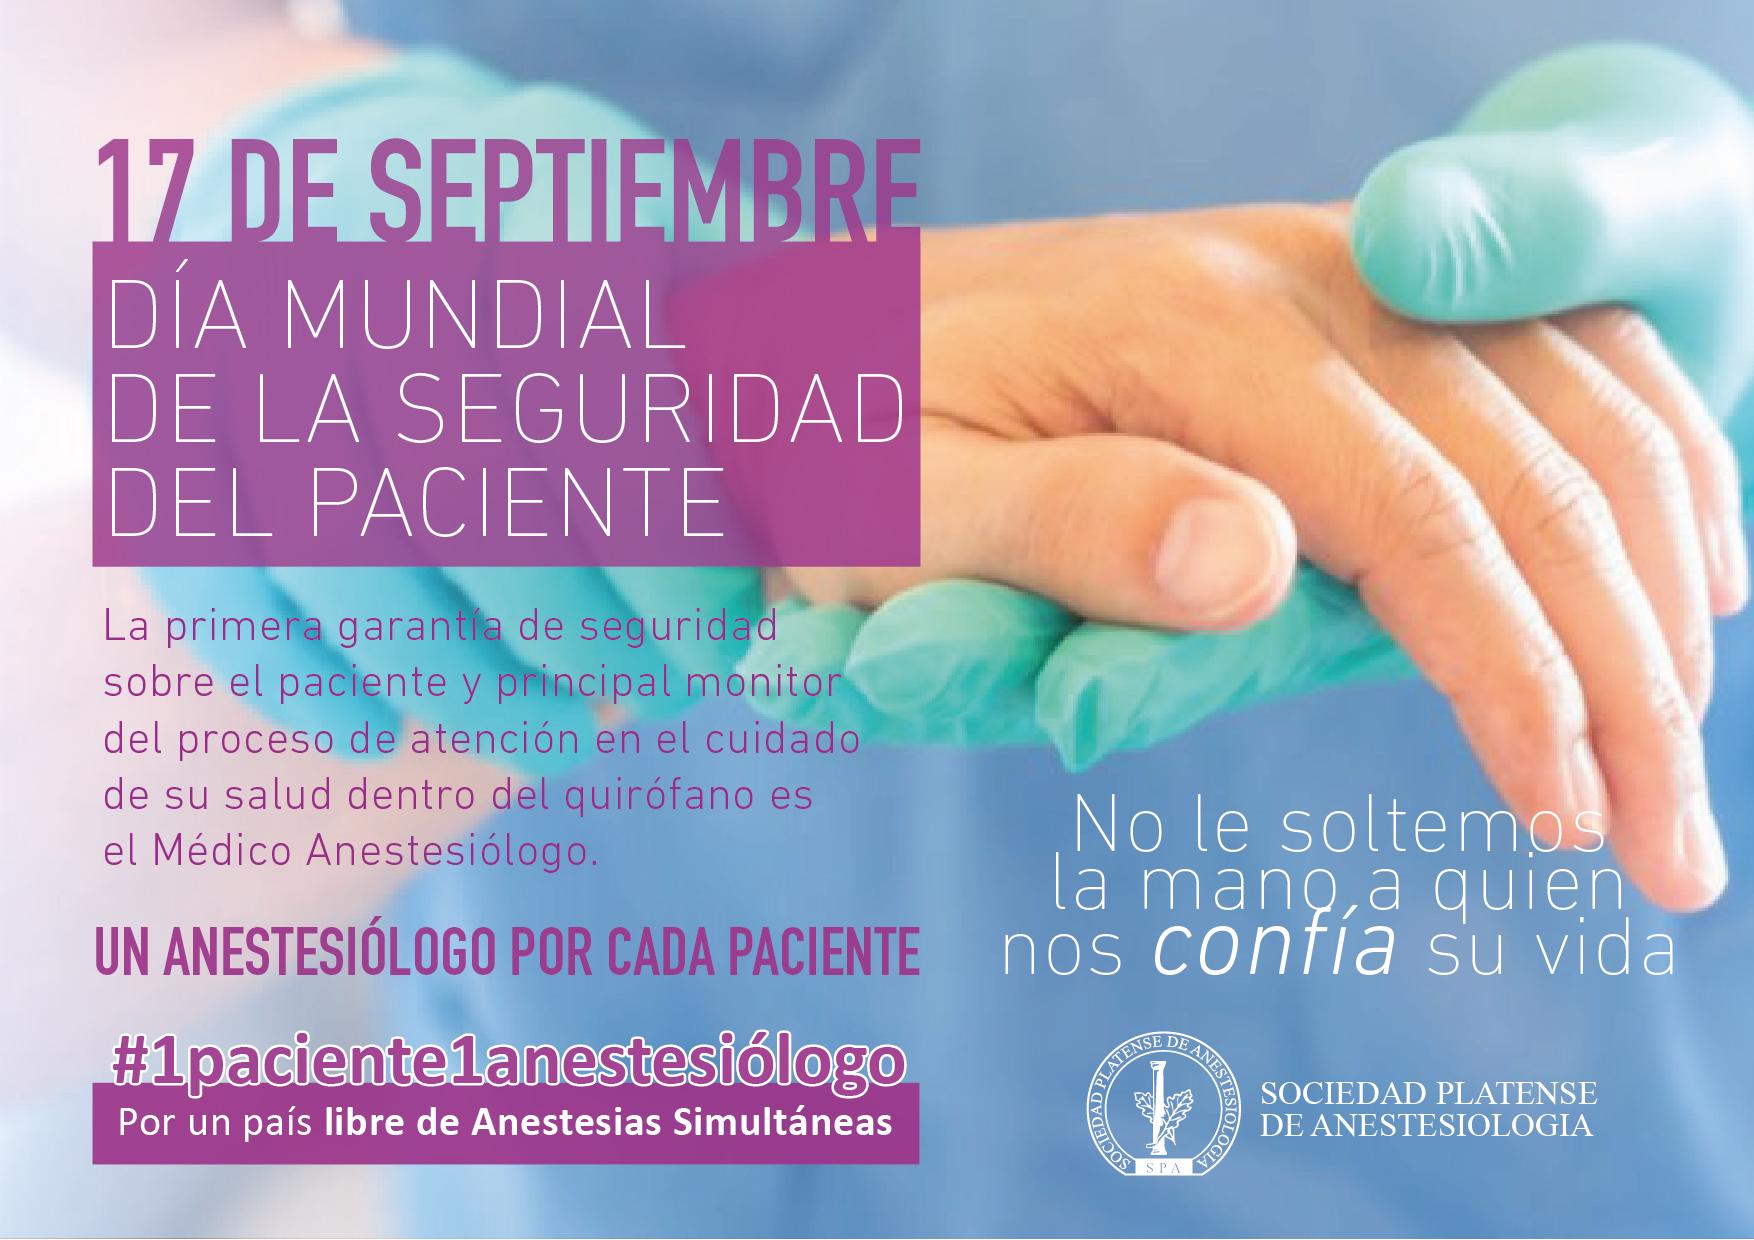 17 de septiembre: Día mundial de la seguridad del paciente